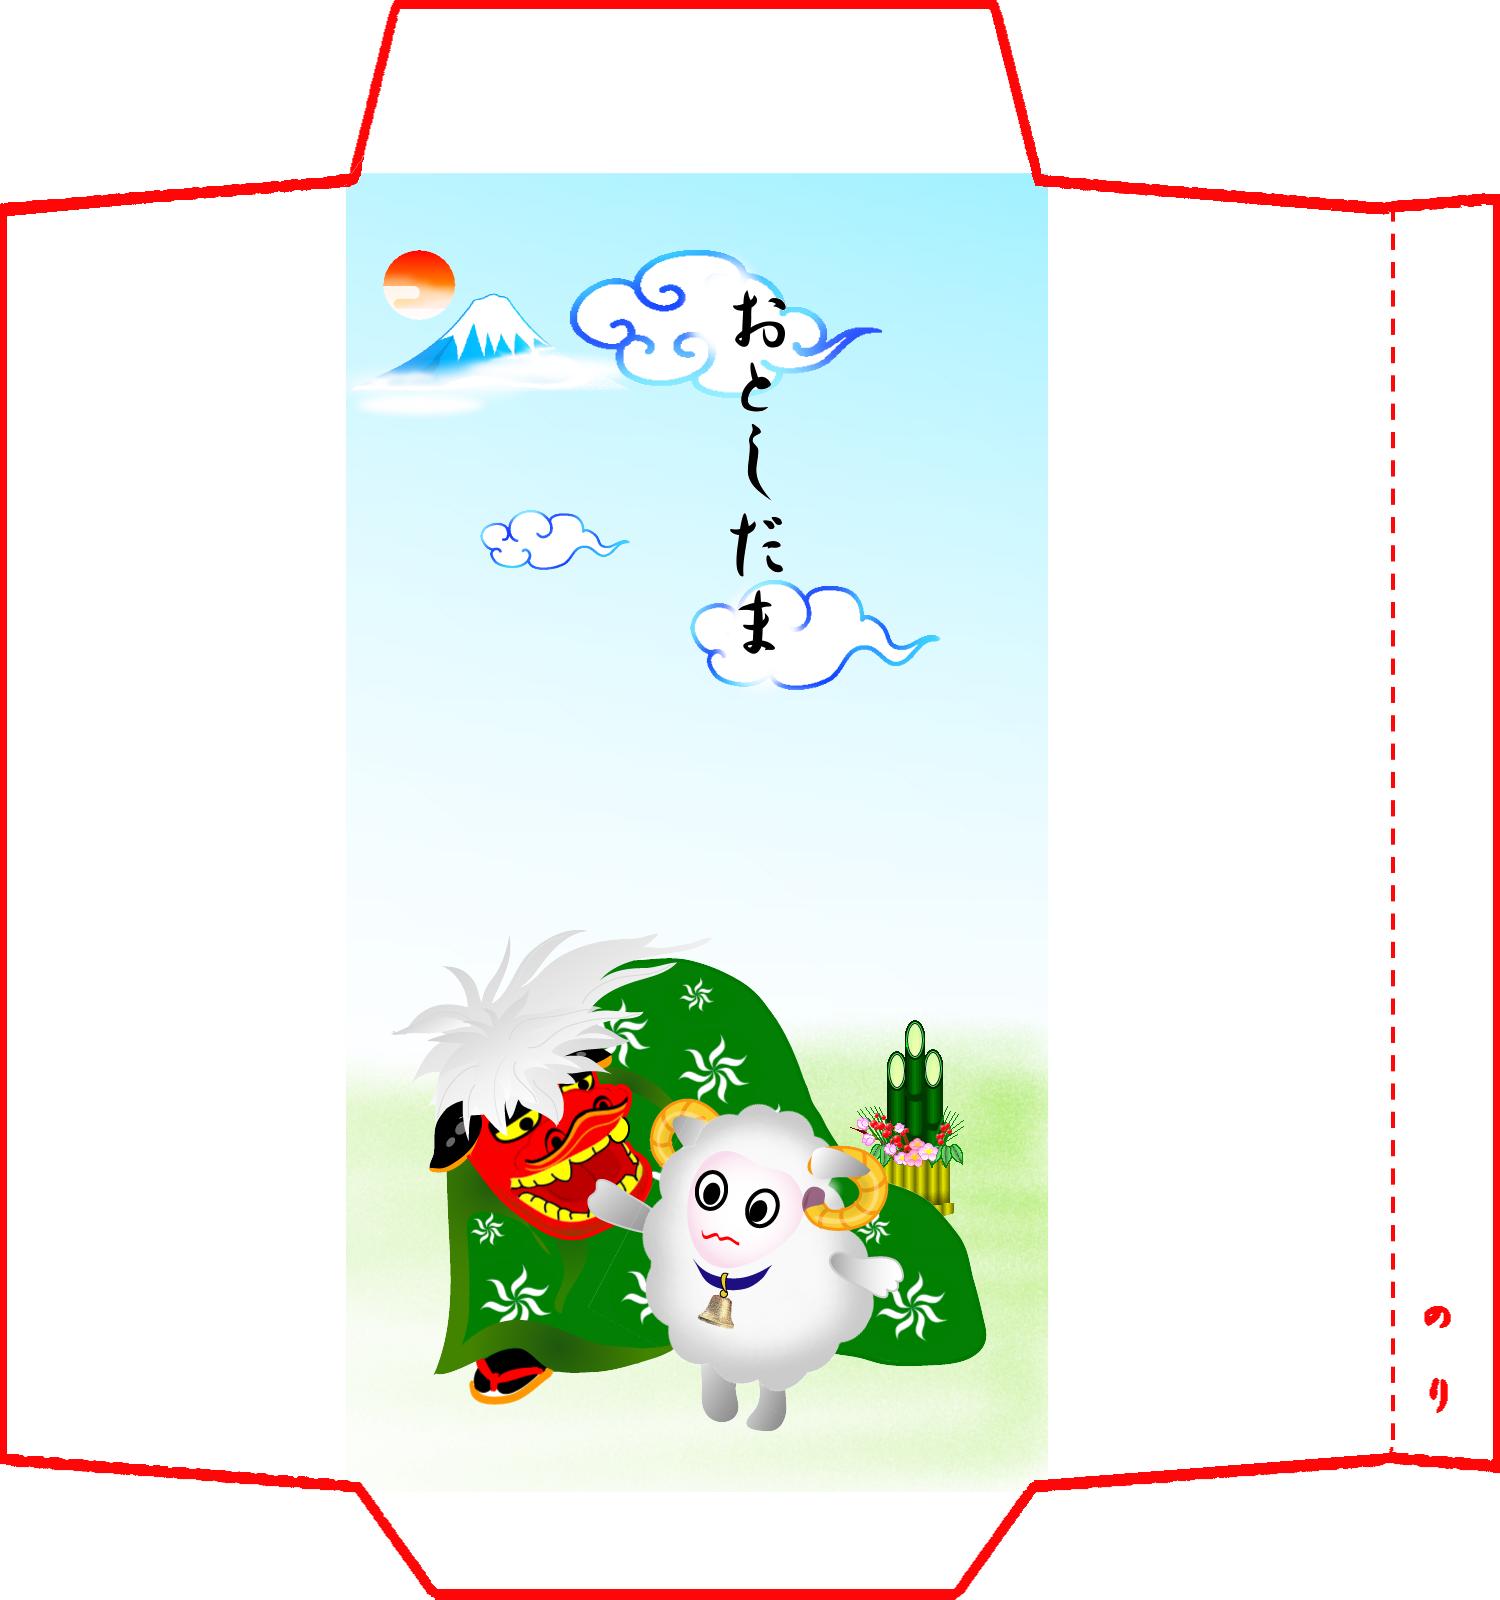 イラスト 2015 干支 イラスト : 羊 獅子舞 : 【2015年干支ひつじ ...